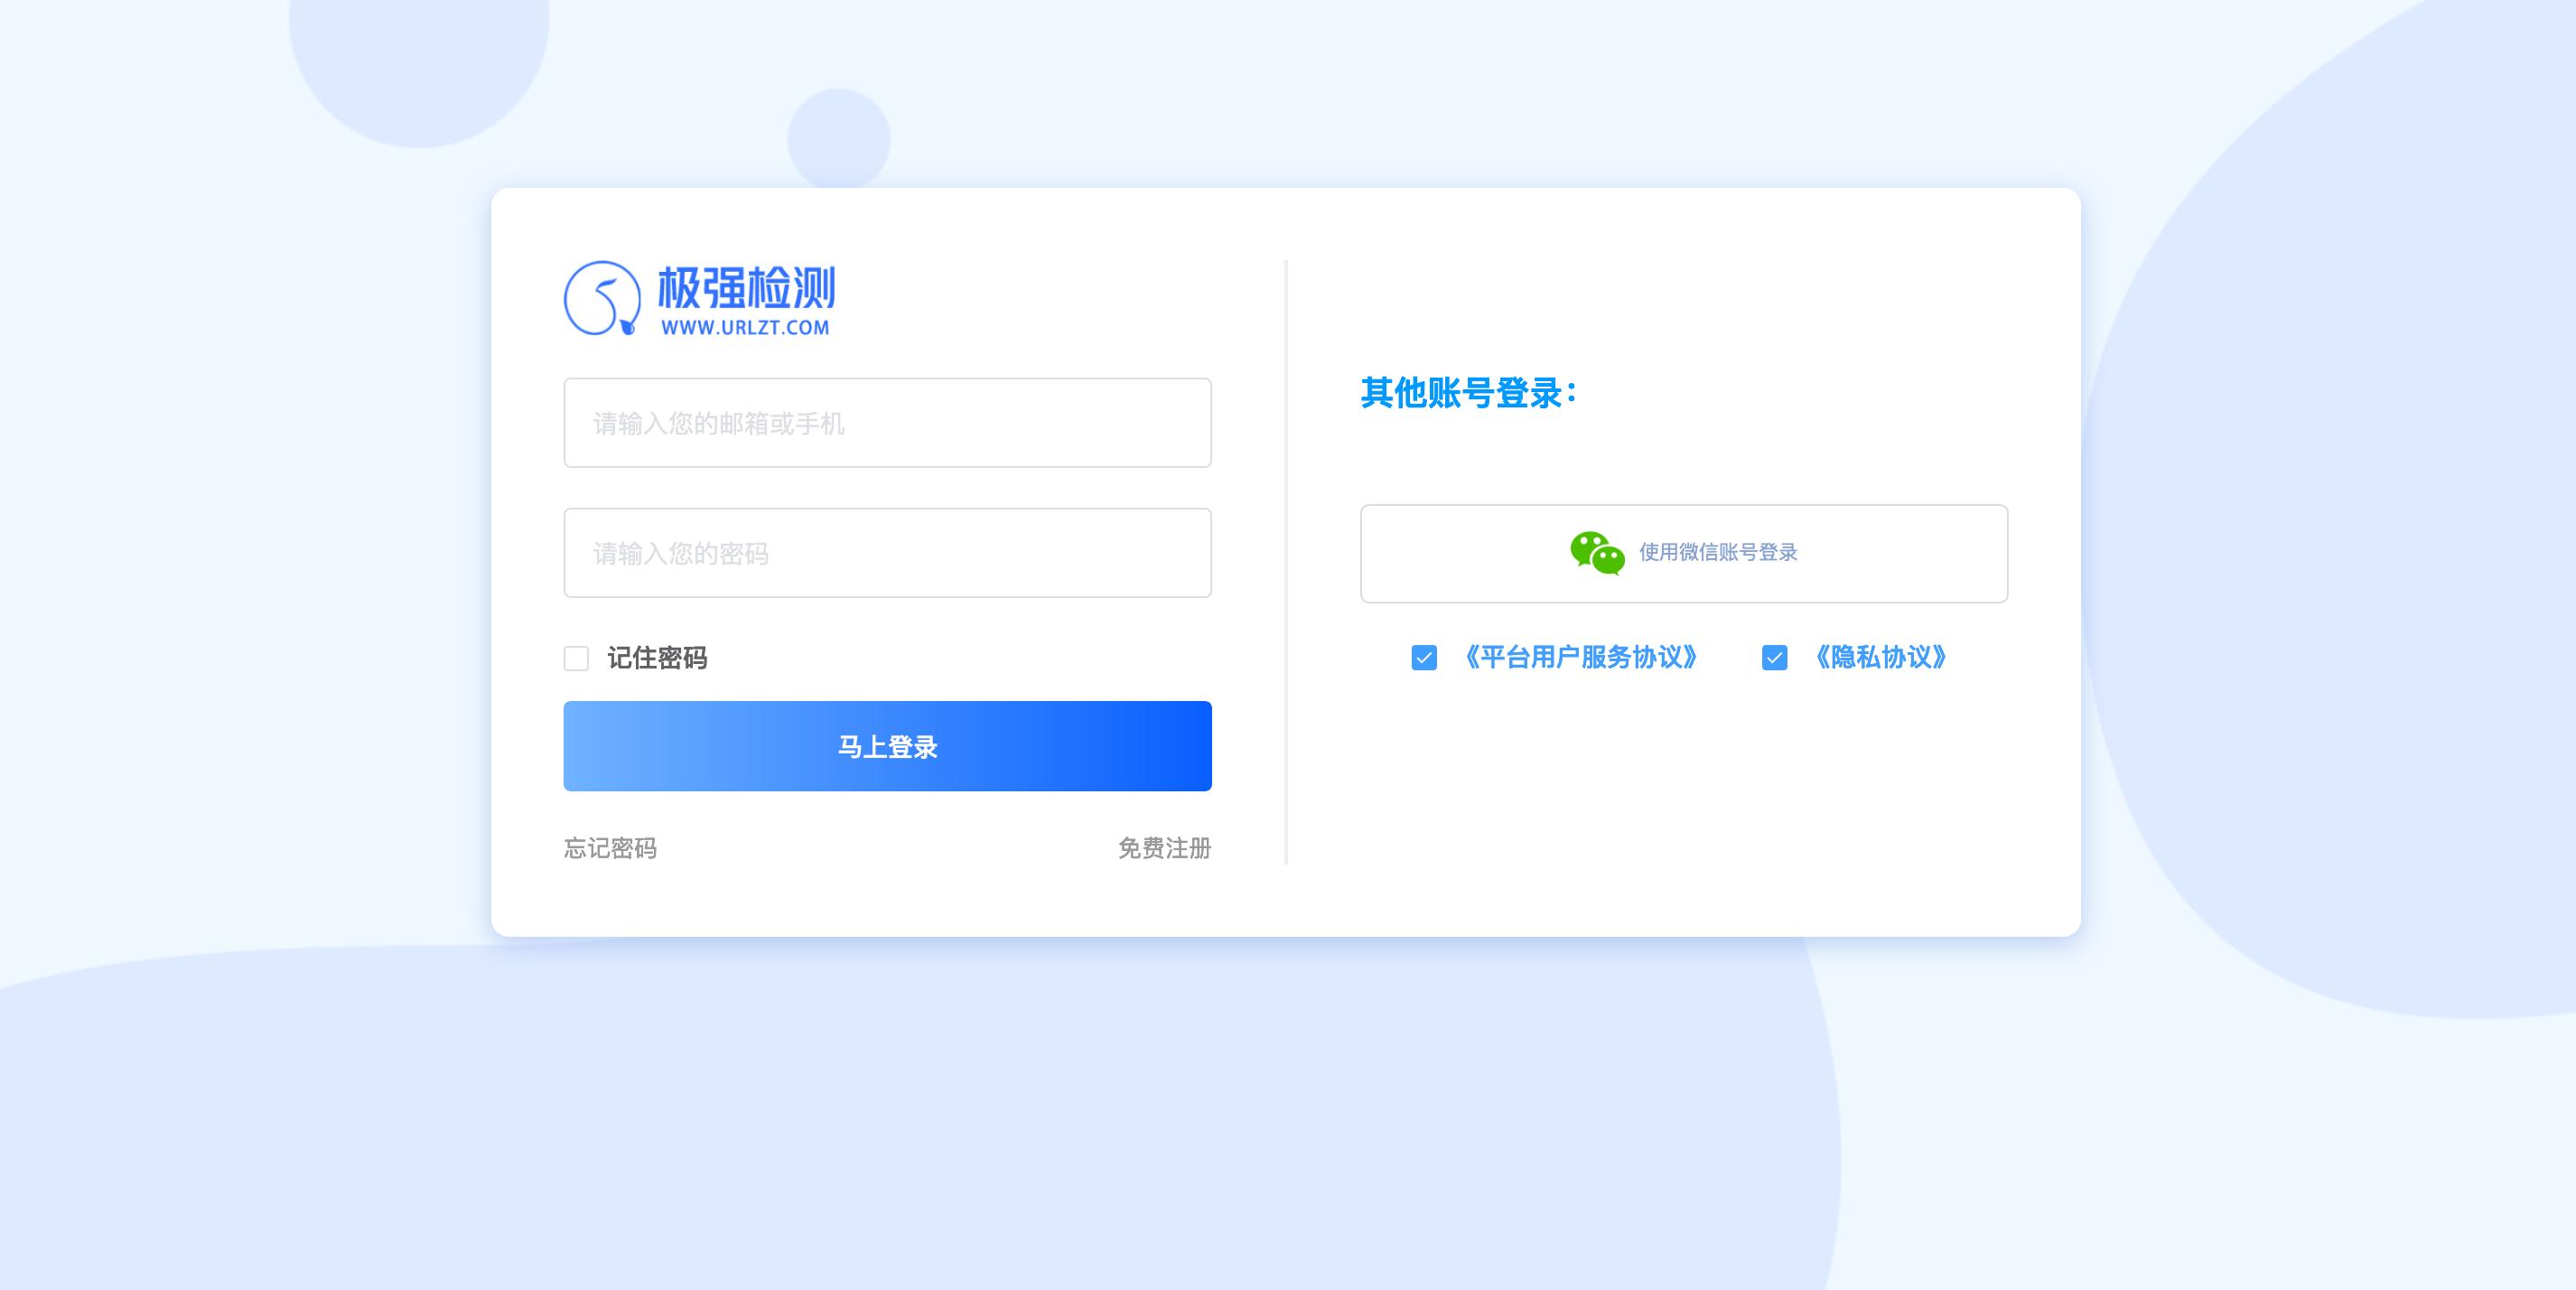 极强域名检测登录和注册改版升级